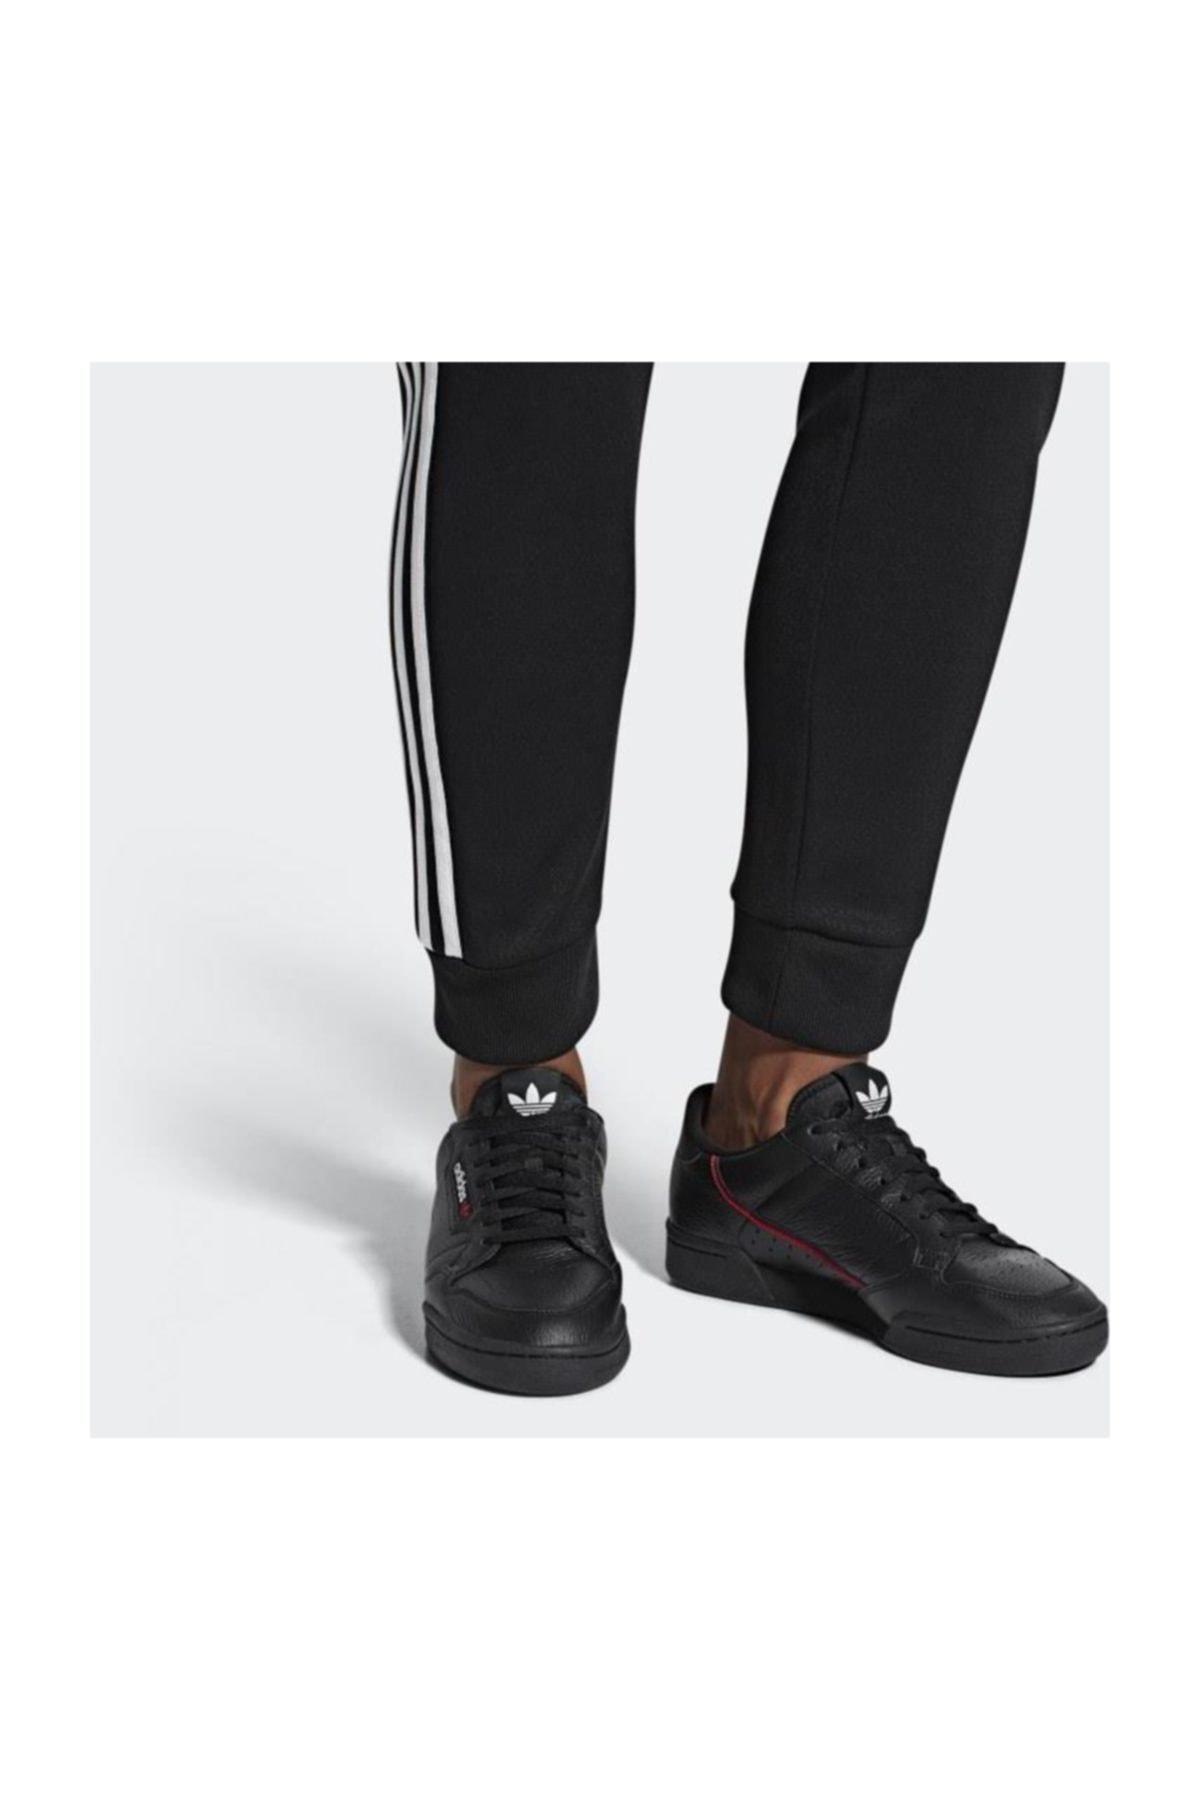 adidas Erkek Günlük Ayakkabı Continental 80 2